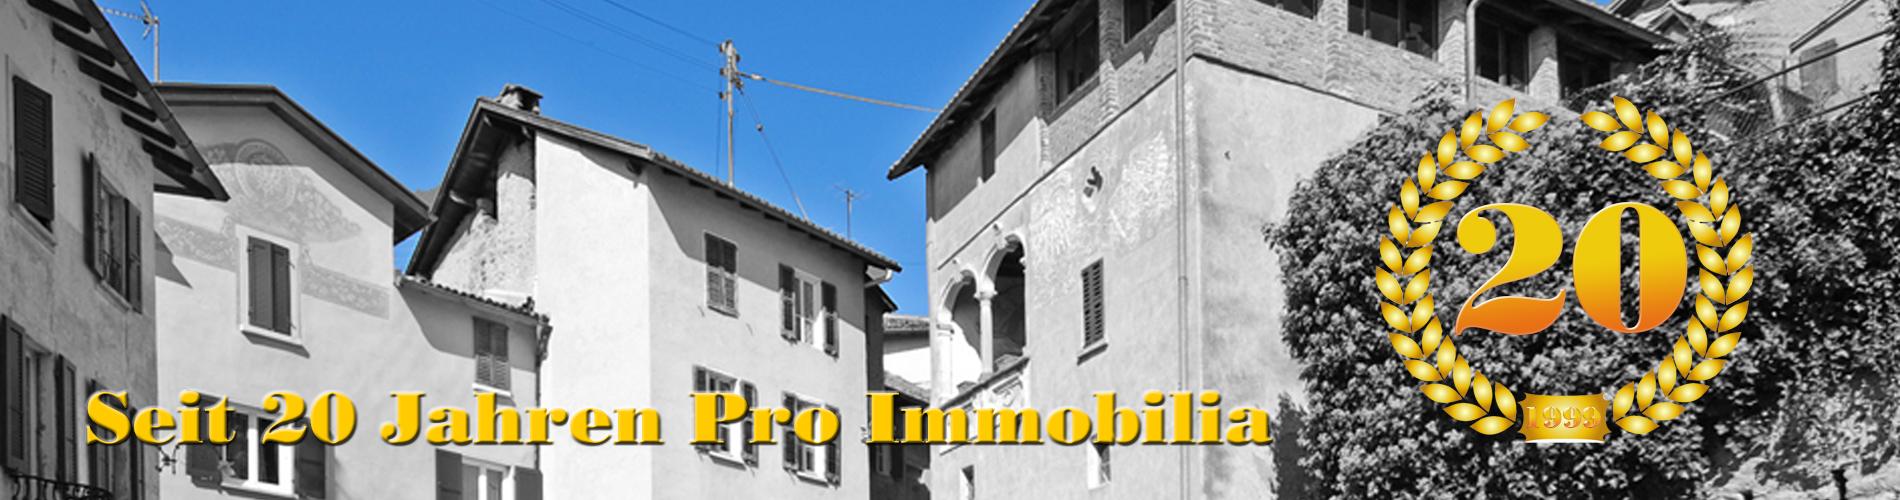 20 Jahre Pro Immobilia!